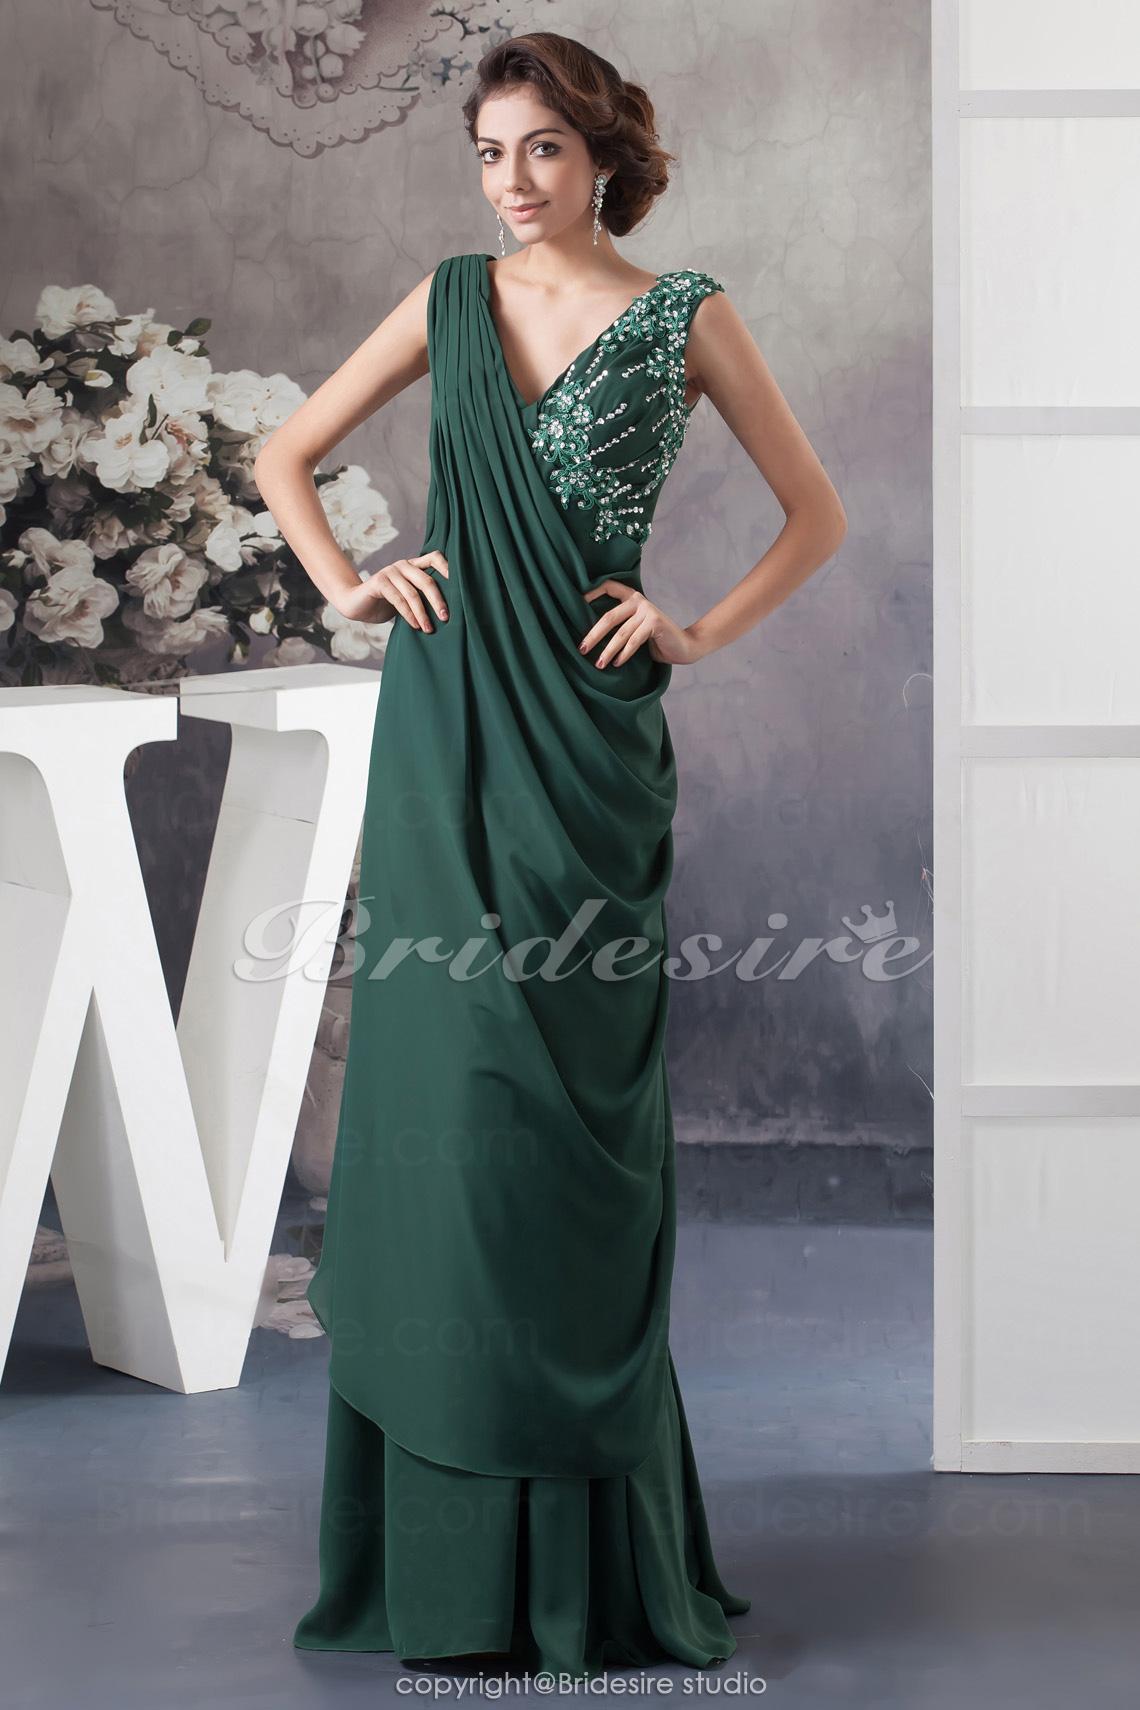 Bridesire - Trapezio A V Raso terra Senza maniche Chiffon vestito  BD41023   - €86.34   Bridesire 524316301b4